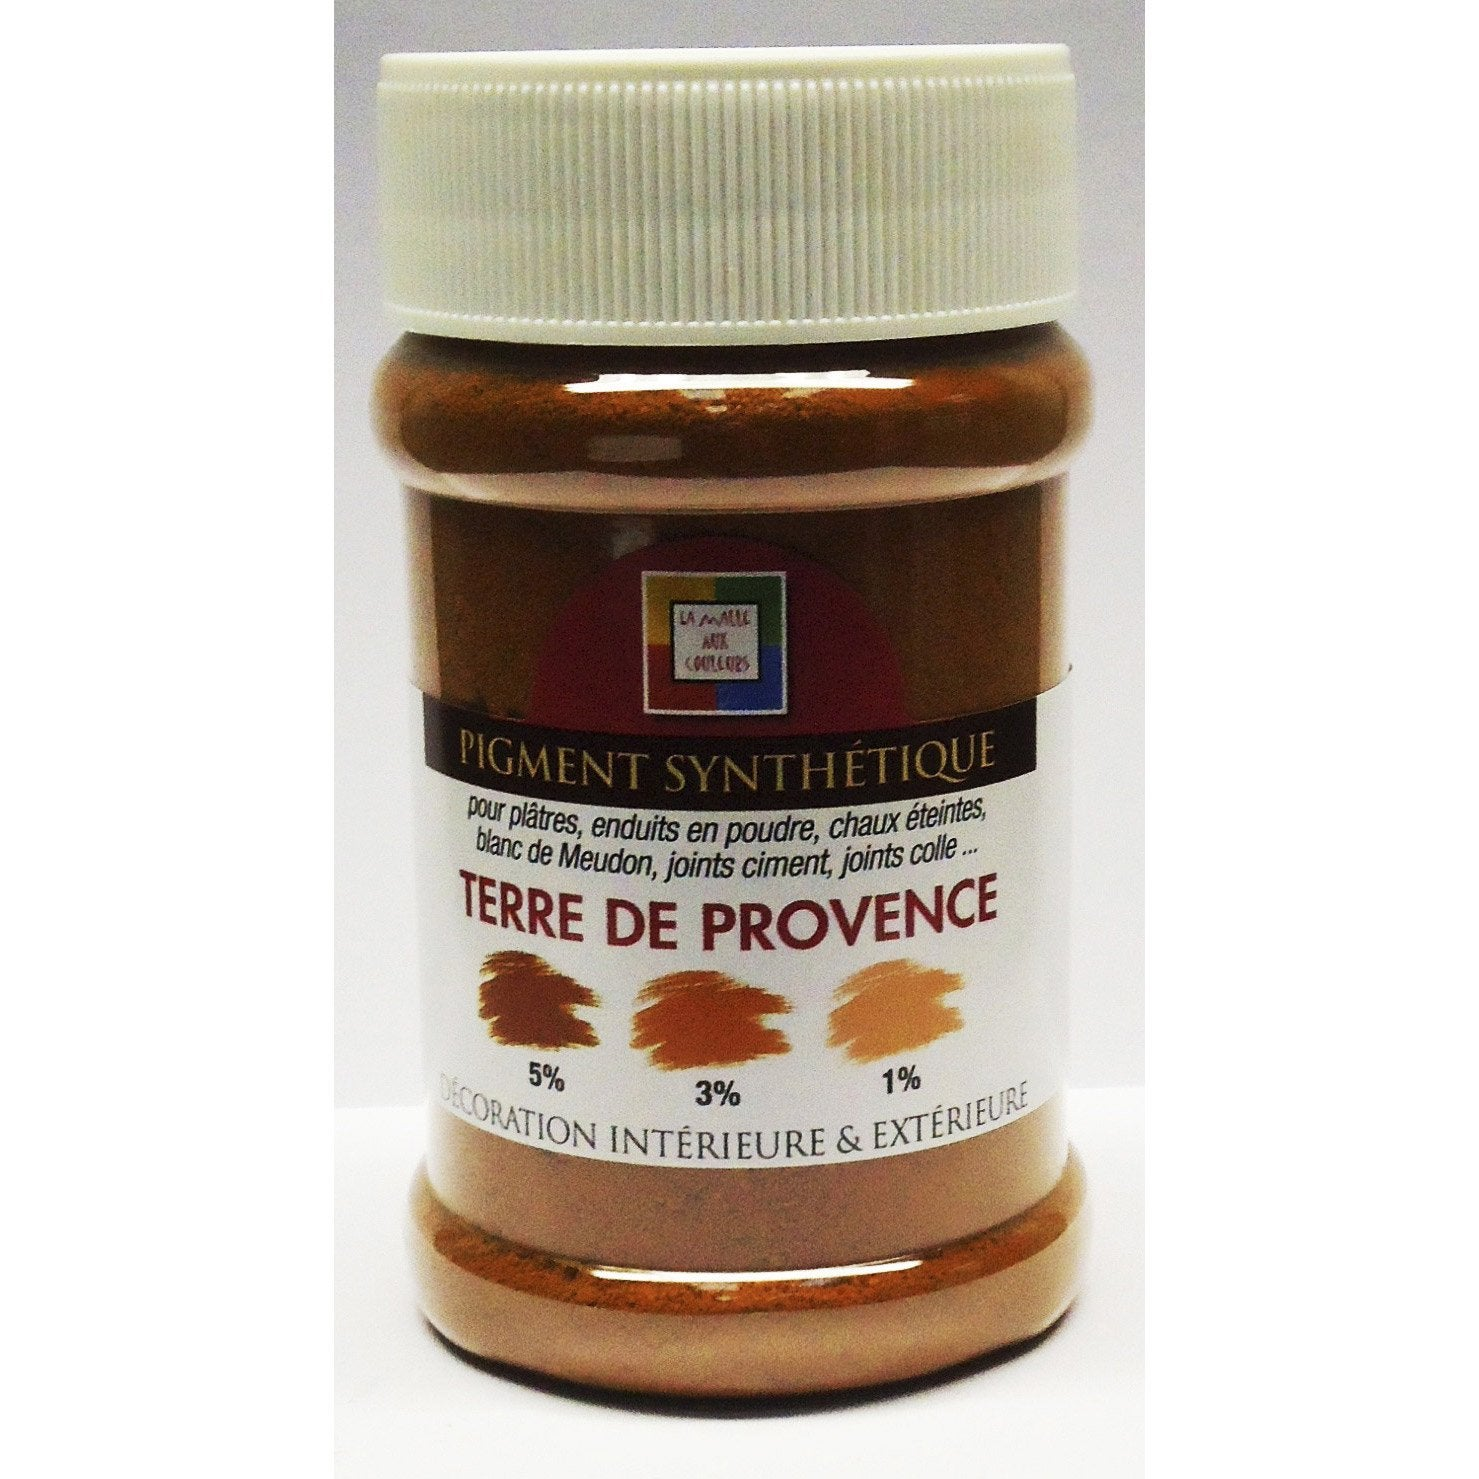 Pigment poudre malle aux couleurs terre de provence 250 ml leroy merlin - Bassin fontaine leroy merlin aixen provence ...